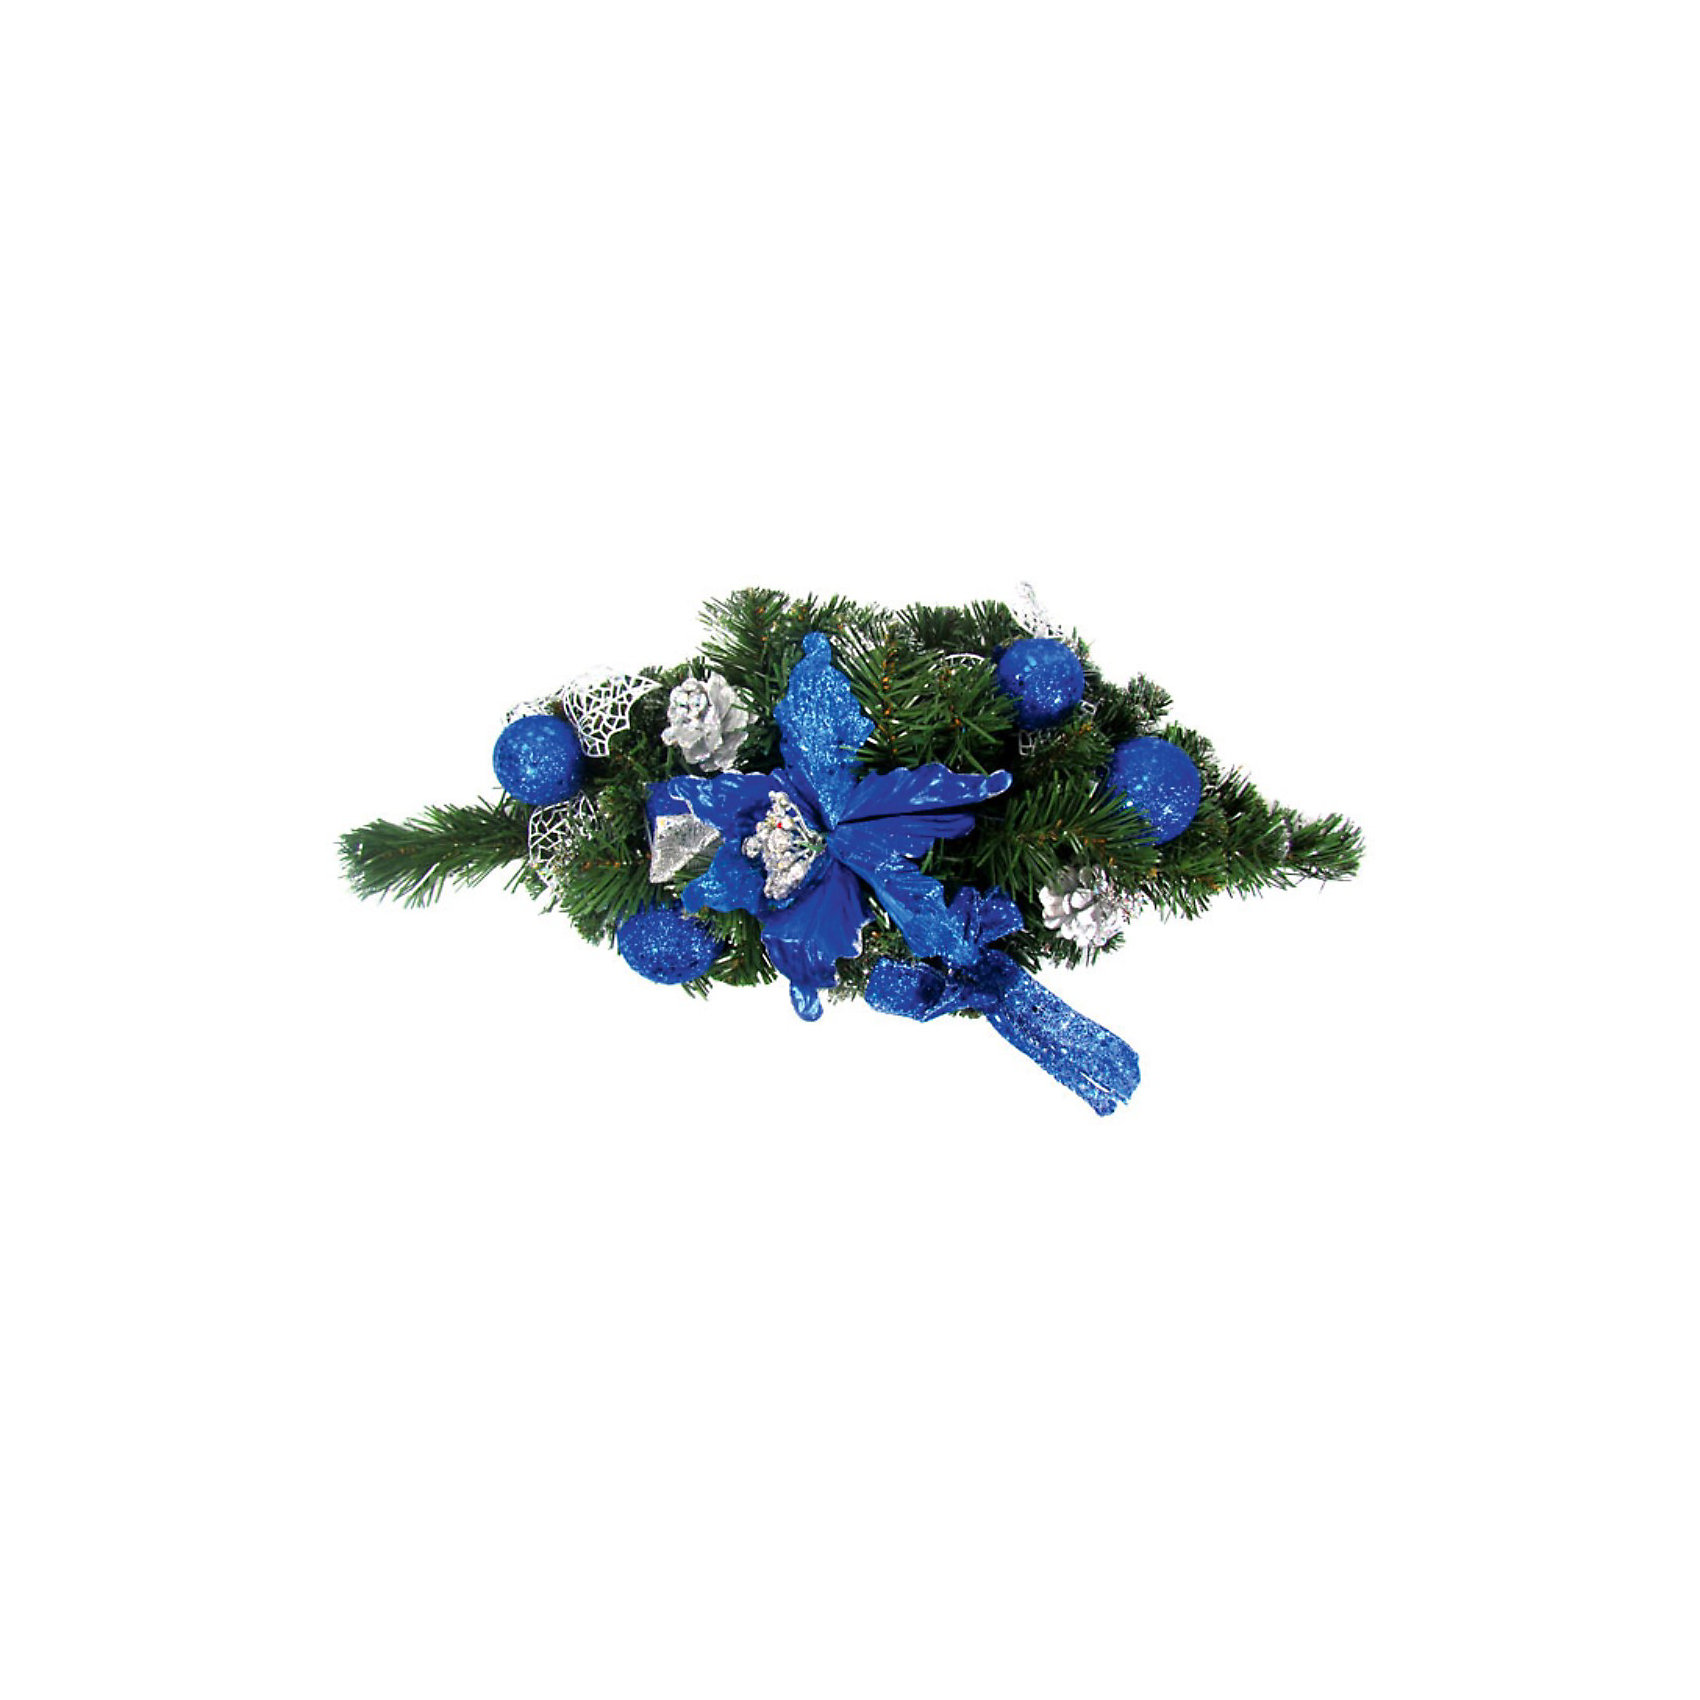 Украшение надверное хвойное, синие элементы, 40 смУкрашение надверное хвойное, синие элементы, 40 см станет прекрасным новогодним украшением для всей семьи! <br>Ваш малыш с удовольствием примет участие в украшении дома и проникнется атмосферой волшебства!<br><br>Дополнительная информация:<br><br>Украшение надверное хвойное, синие элементы, 40 см<br><br>Поможет всей семье поверить в новогоднее чудо!<br>Легко приобрести в нашем интернет-магазине!<br><br>Ширина мм: 400<br>Глубина мм: 200<br>Высота мм: 100<br>Вес г: 250<br>Возраст от месяцев: 36<br>Возраст до месяцев: 144<br>Пол: Унисекс<br>Возраст: Детский<br>SKU: 3368343